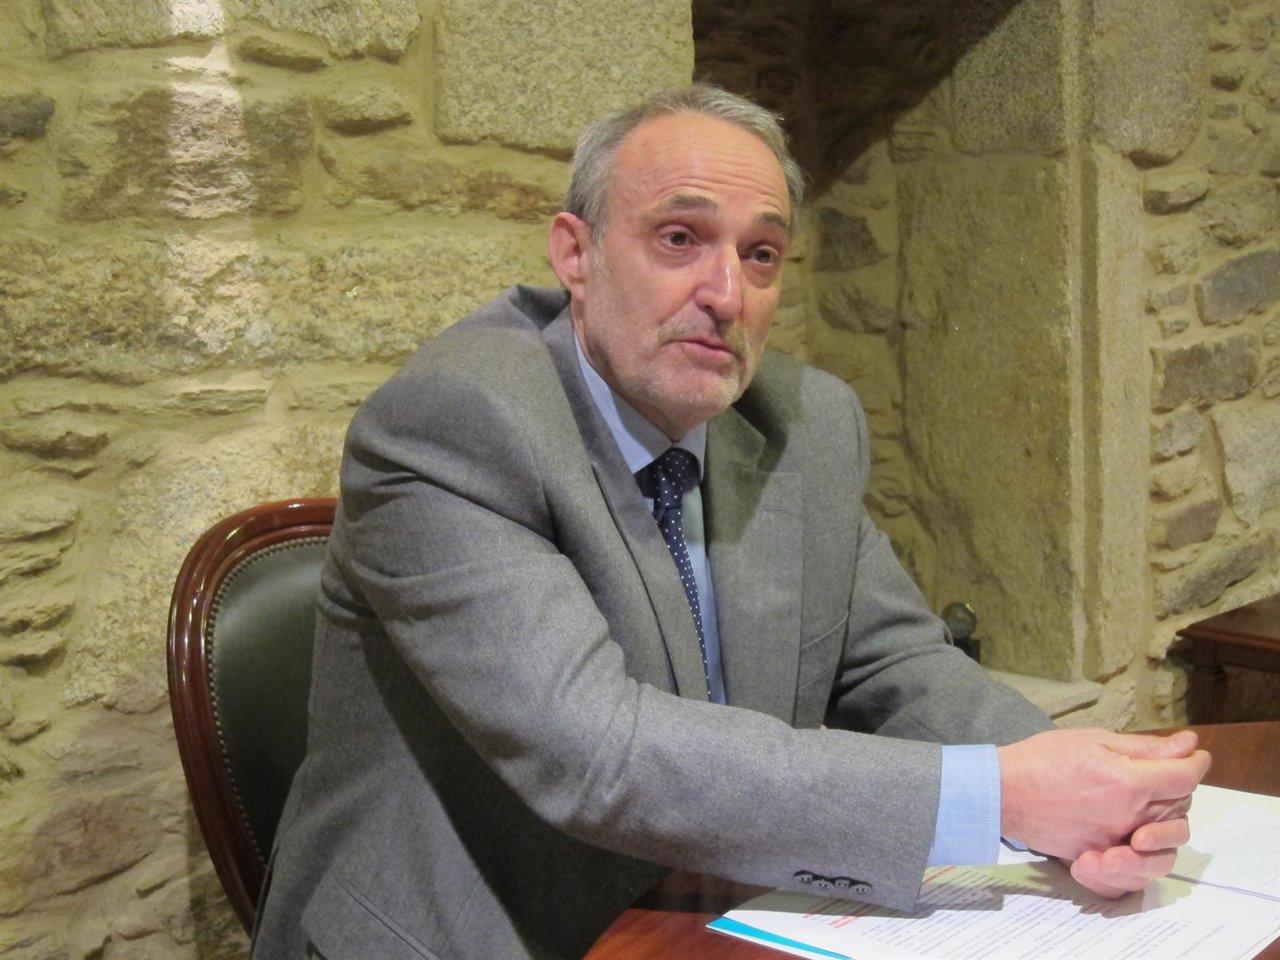 El presidente de la patronal gallega, Antonio Dieter Moure